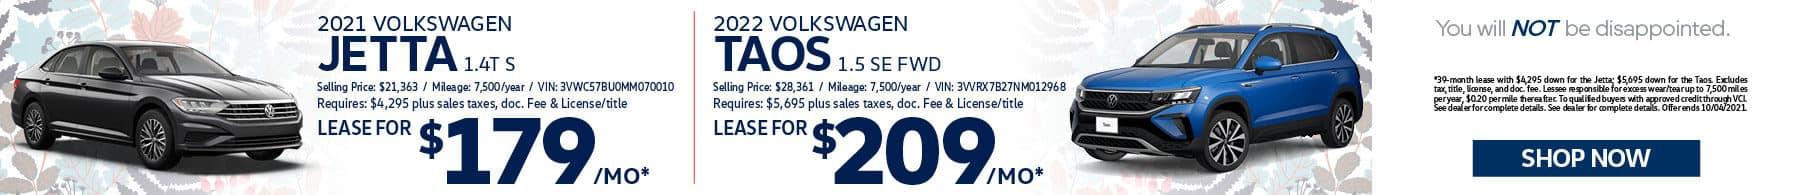 MAGVW-0821-004132-1-Sept-NoEvent-SRP-1800×195-5